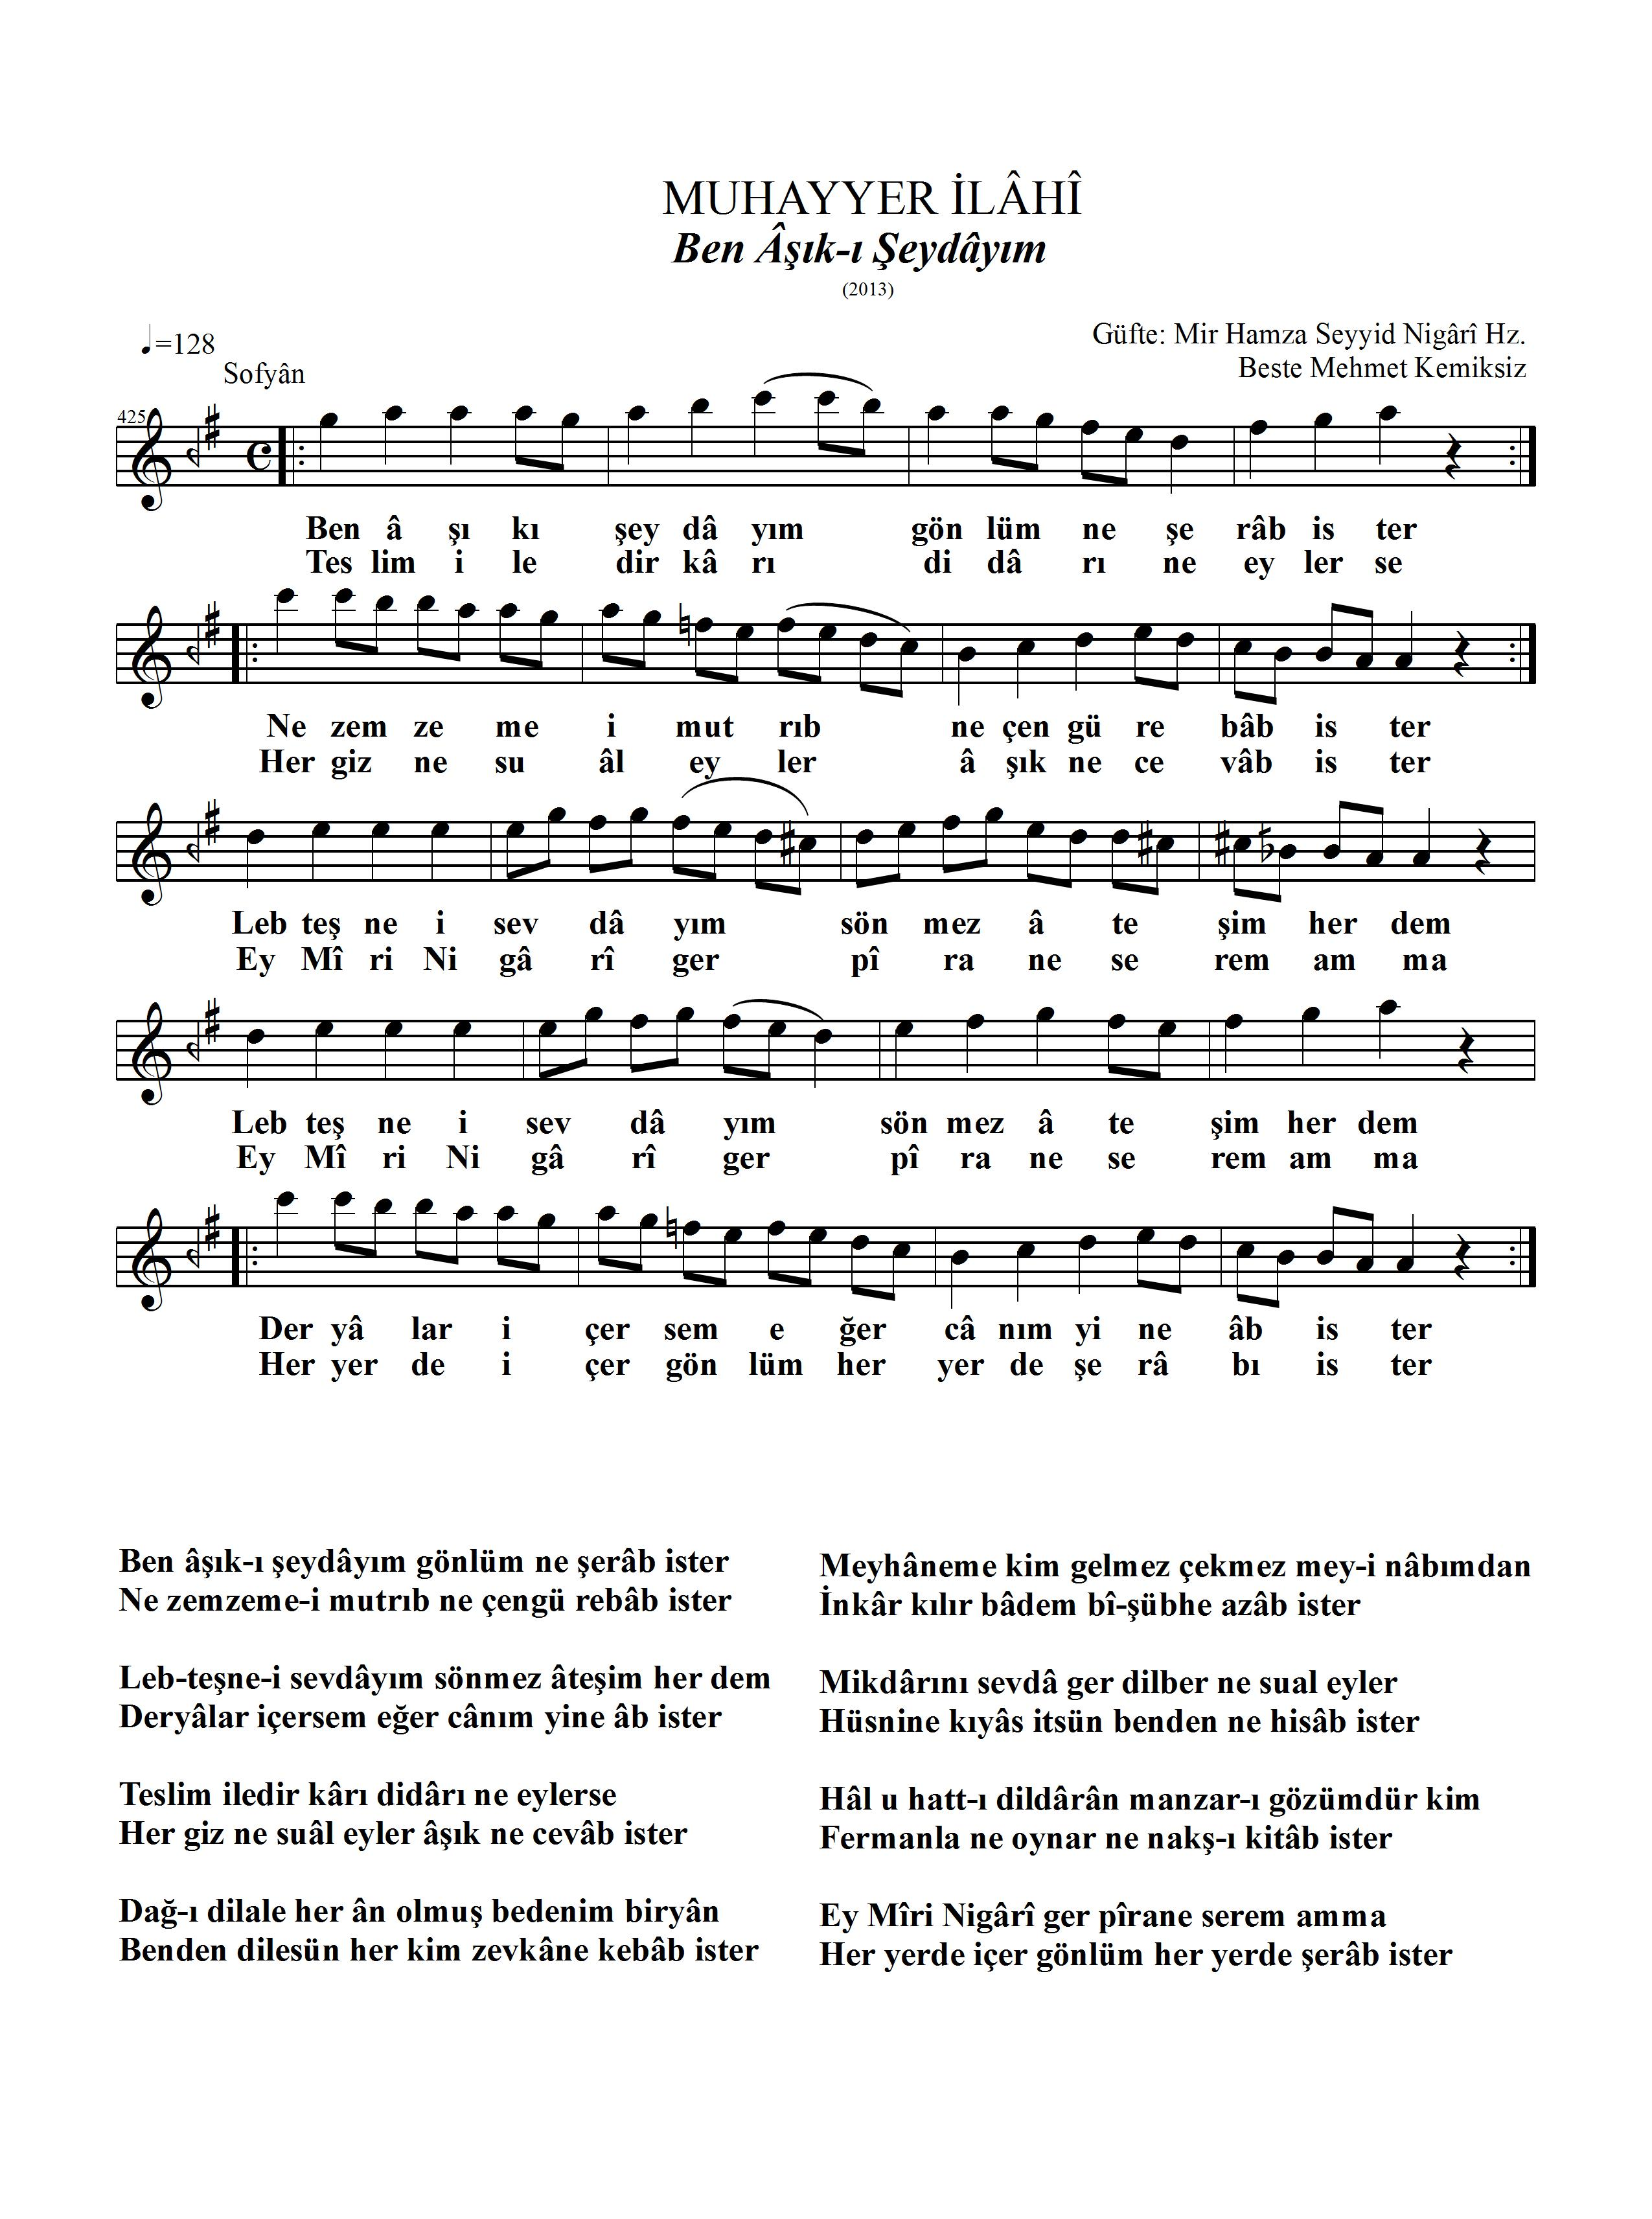 425-Muhayyer/ Ben Âşık-ı Şeydâyım